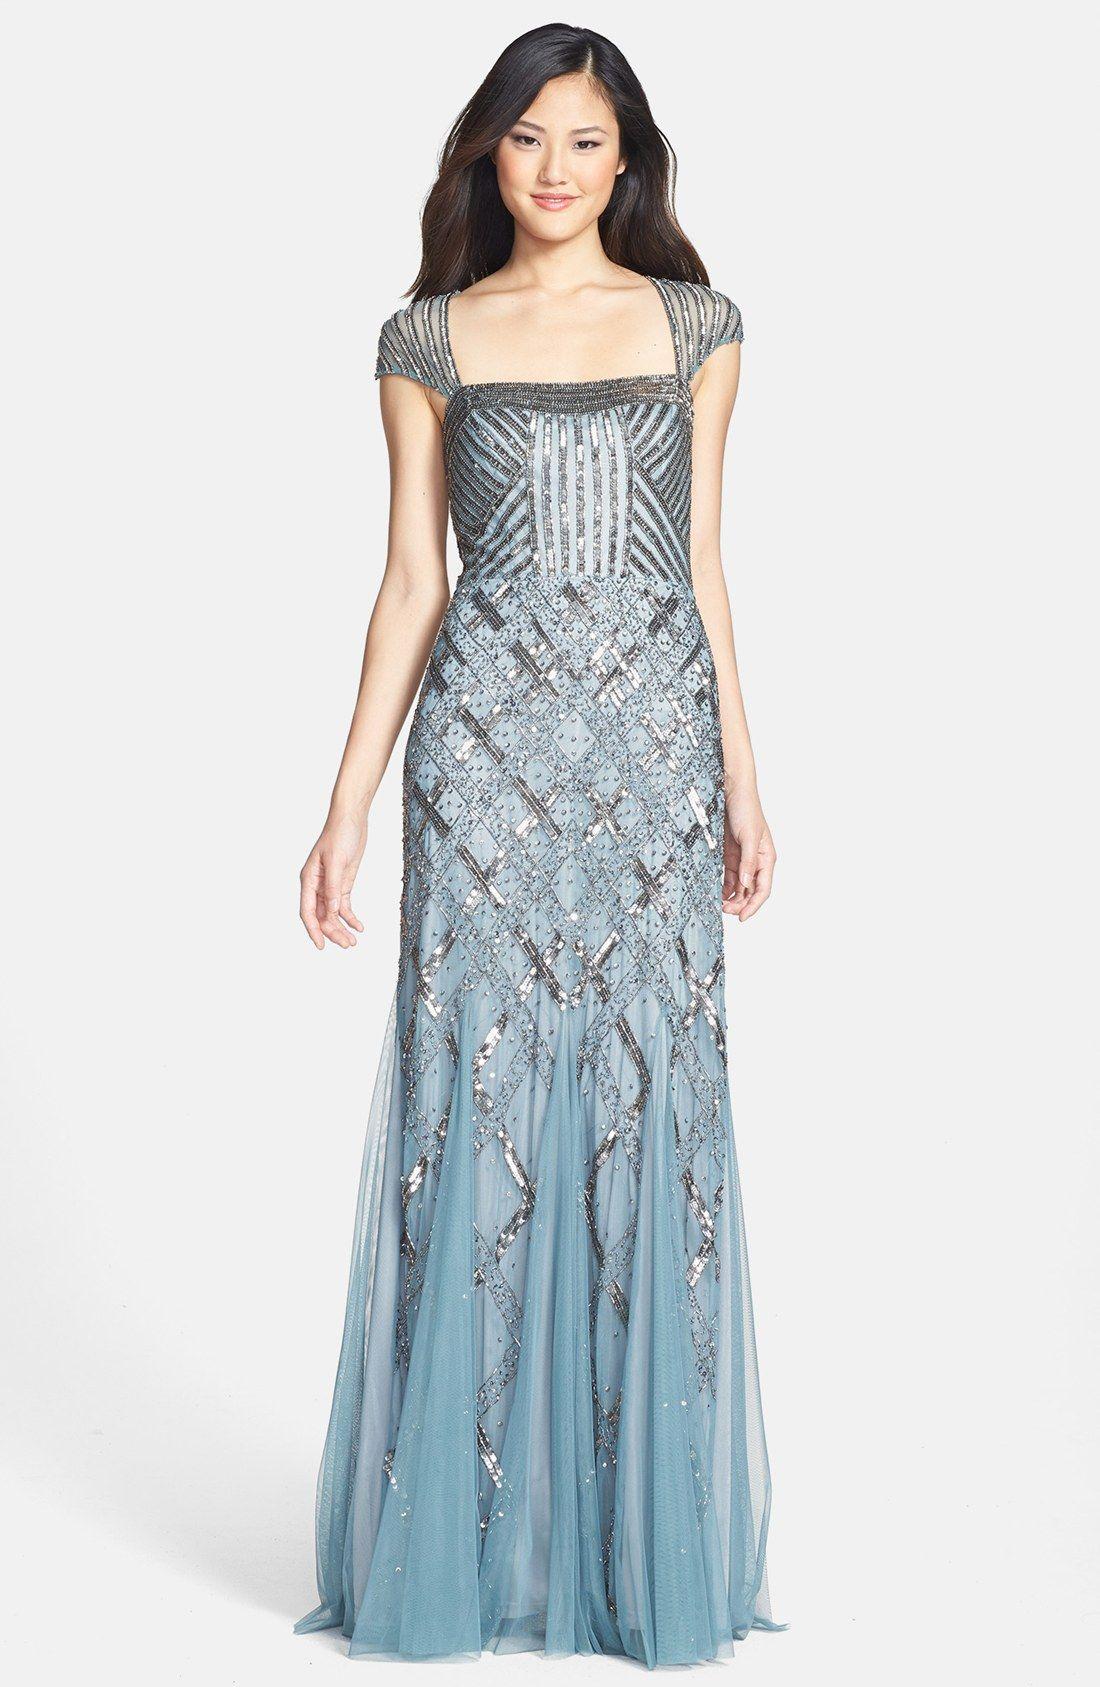 Berühmt Prom Kleid Teal Bilder - Brautkleider Ideen - cashingy.info